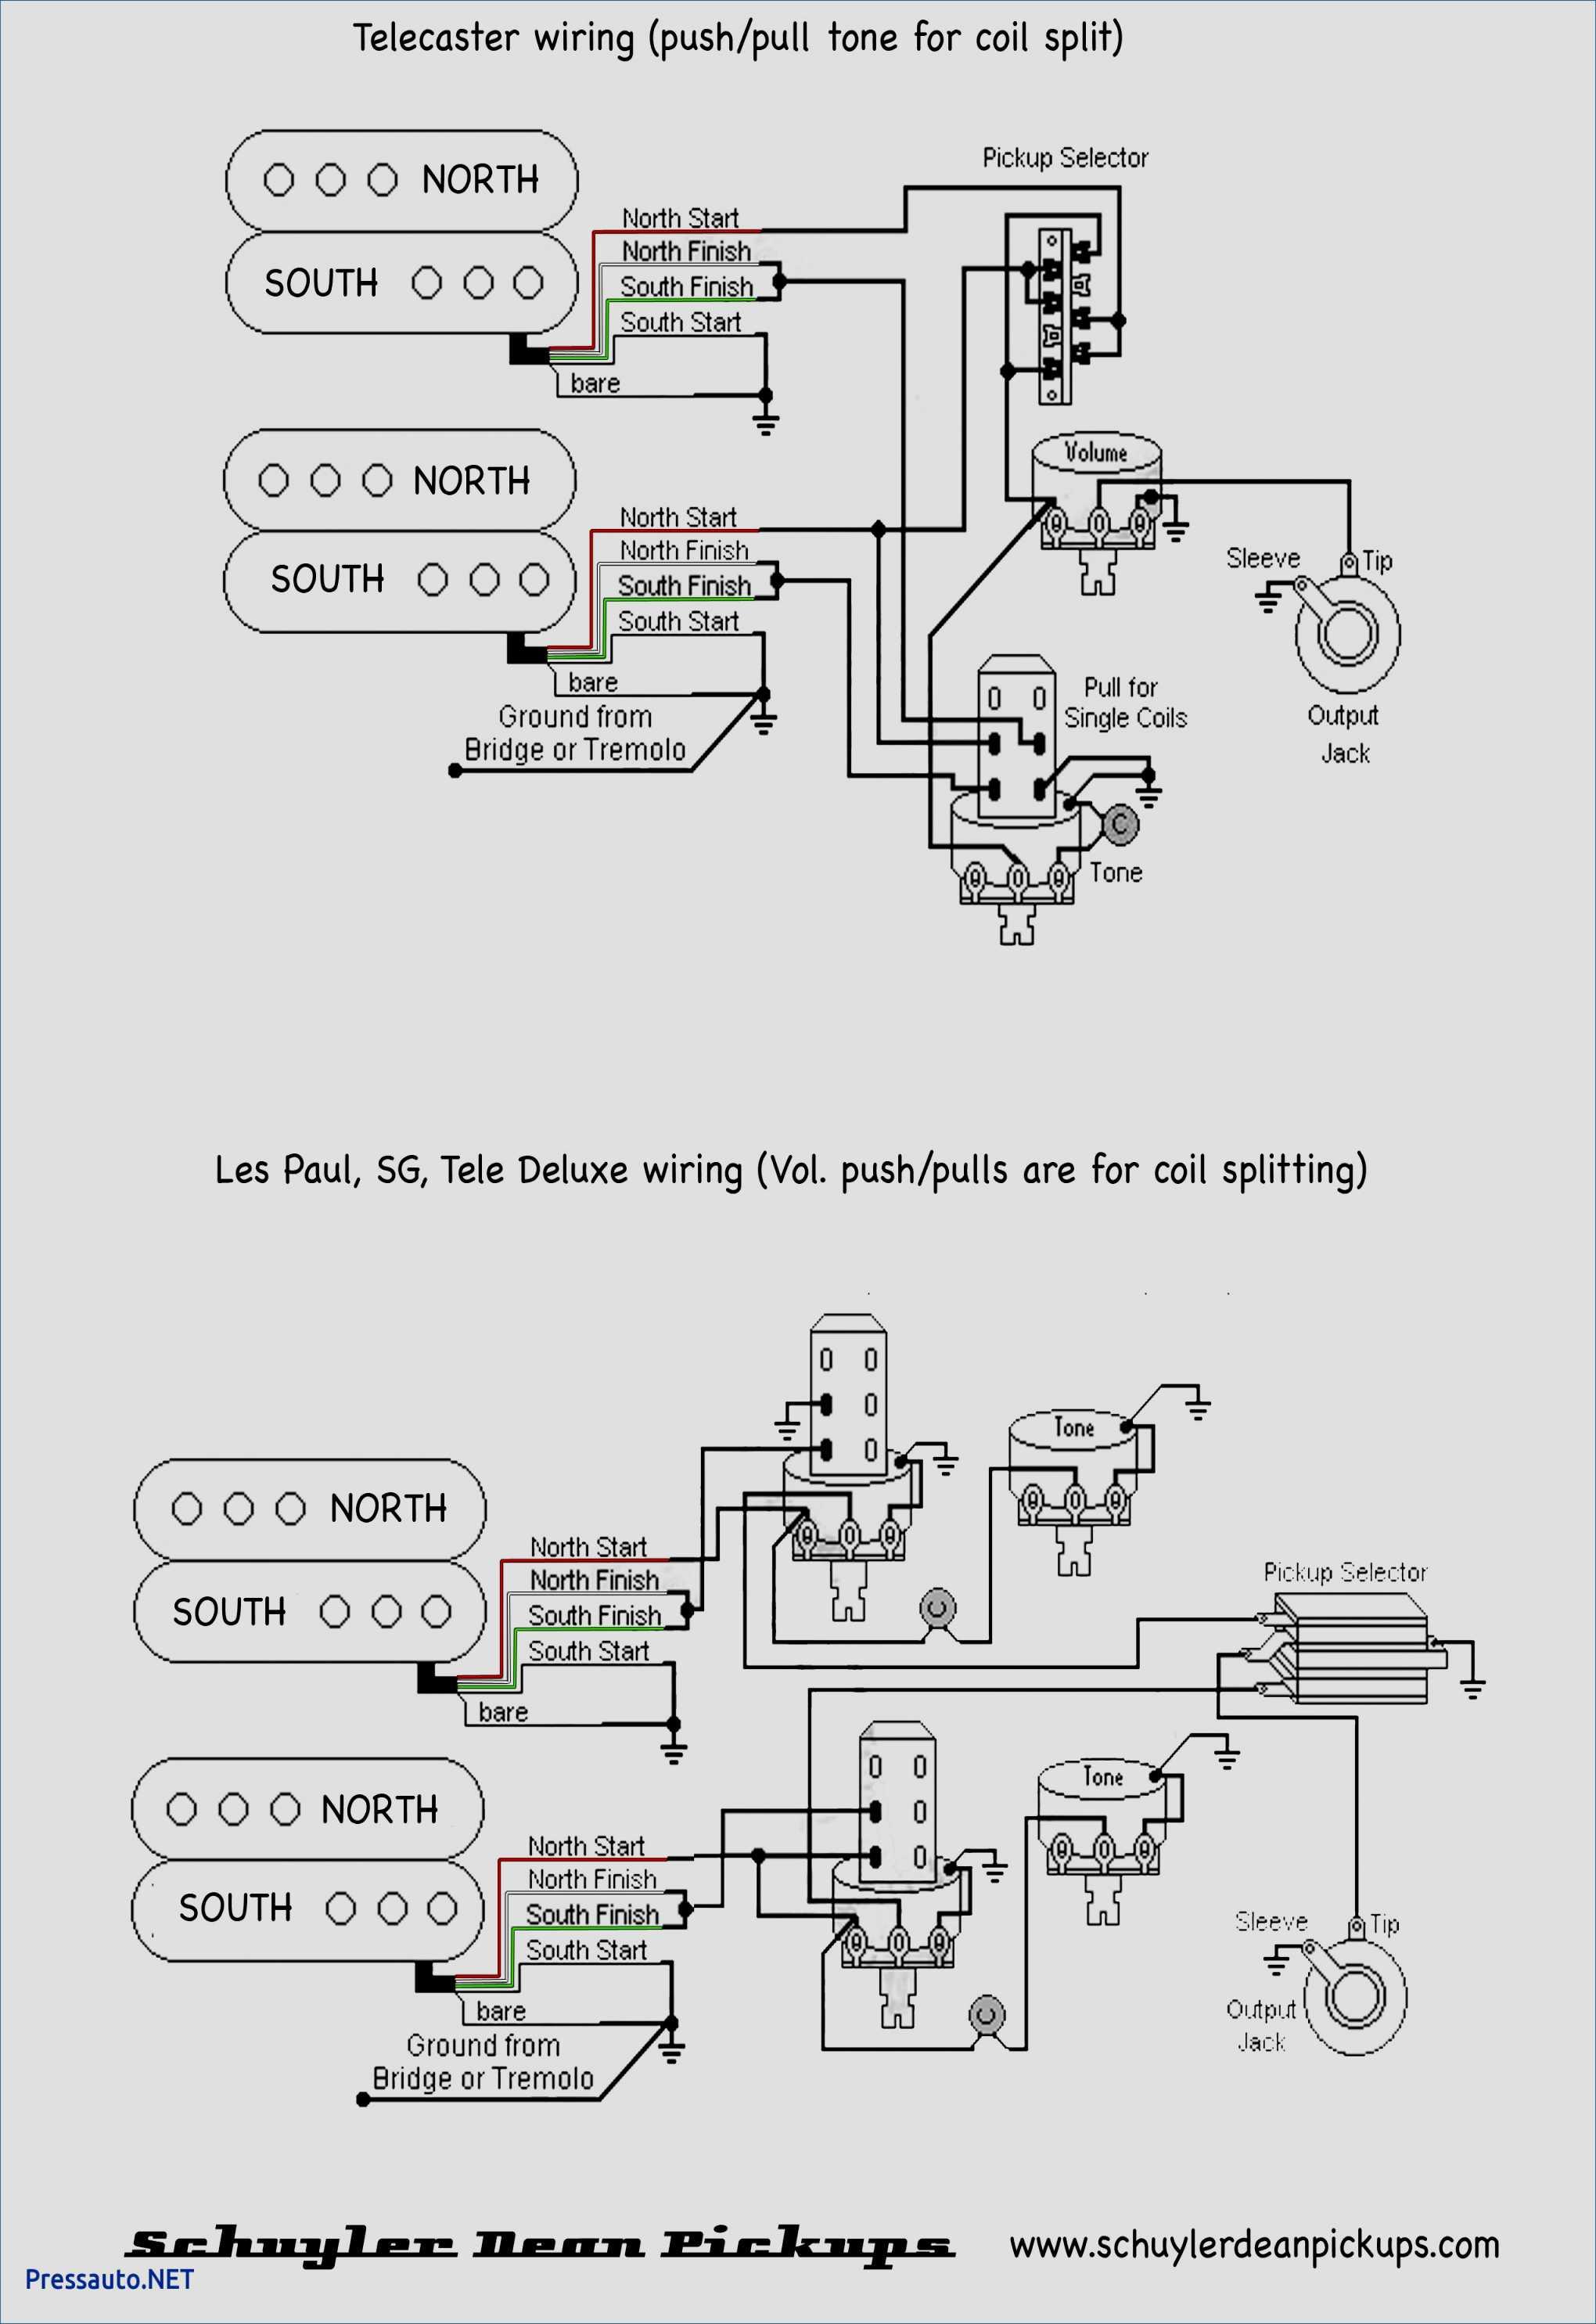 Evh Wolfgang Pickup Wiring Diagram | Wiring Diagram - Prs Wiring Diagram